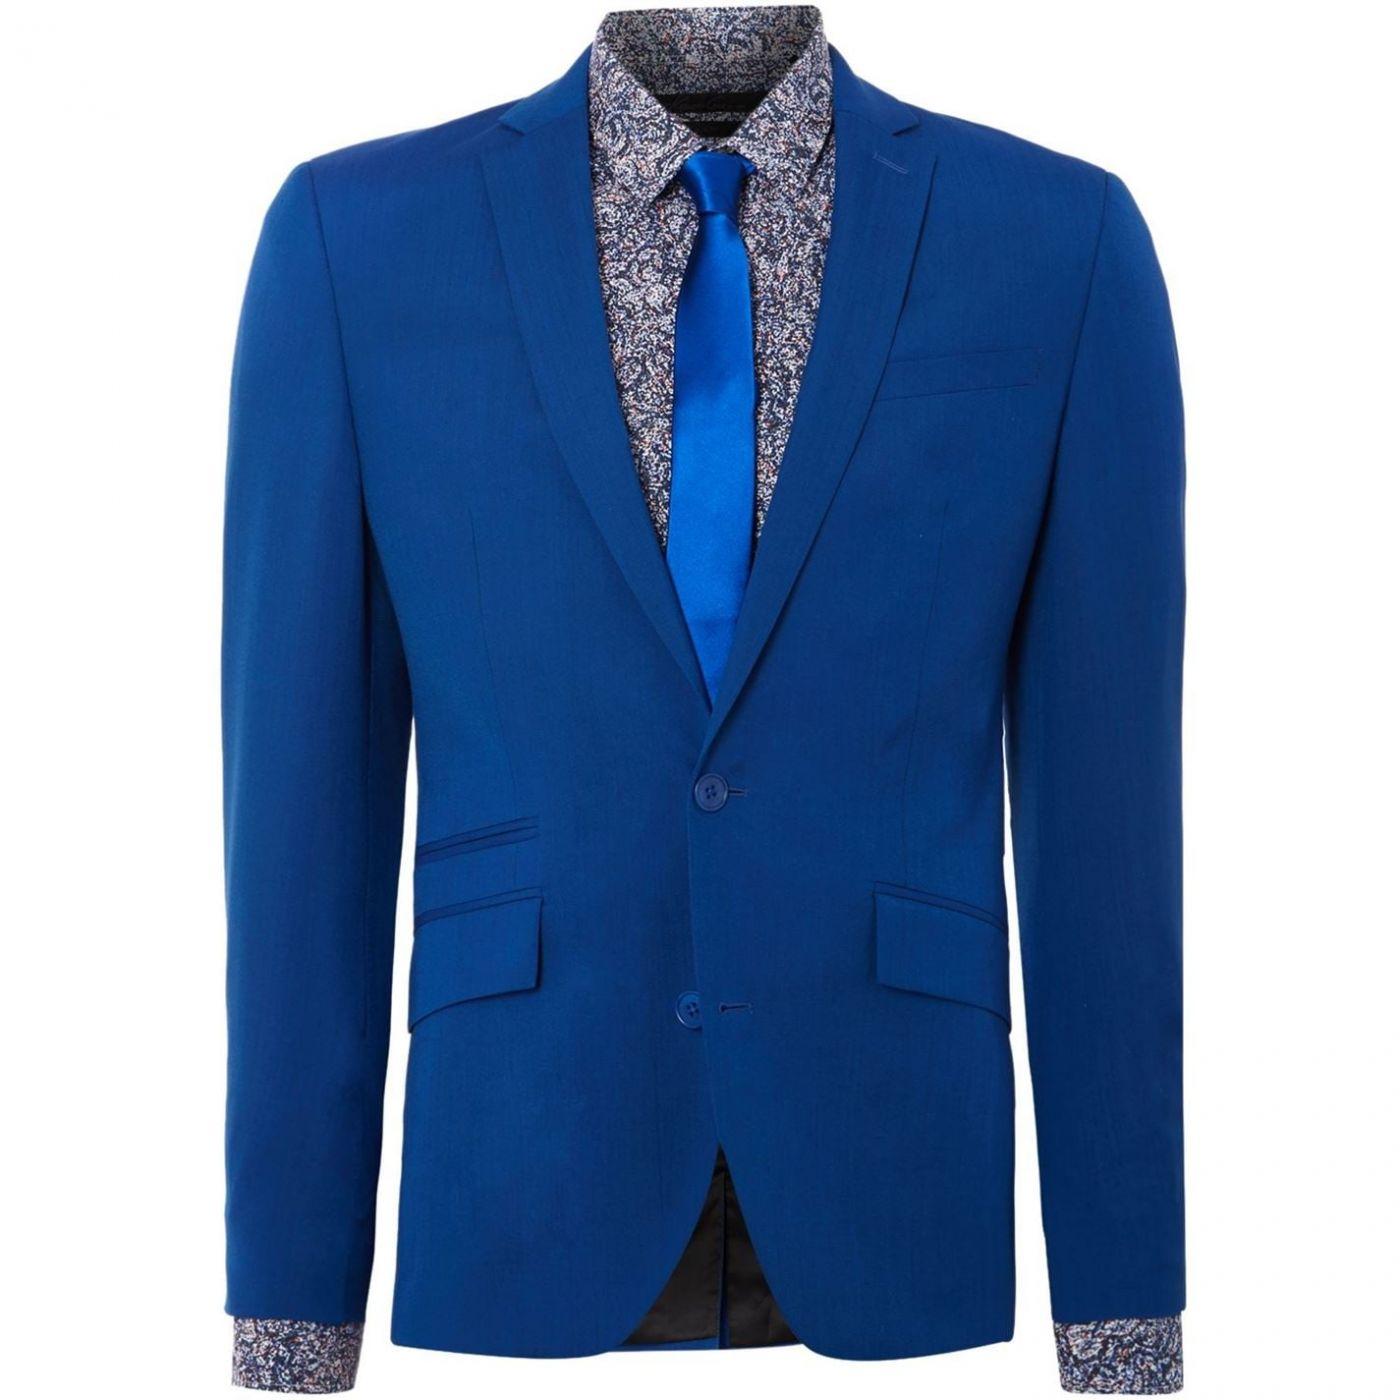 Kenneth Cole Landon Slim fit Notch Lapel Suit Jacket